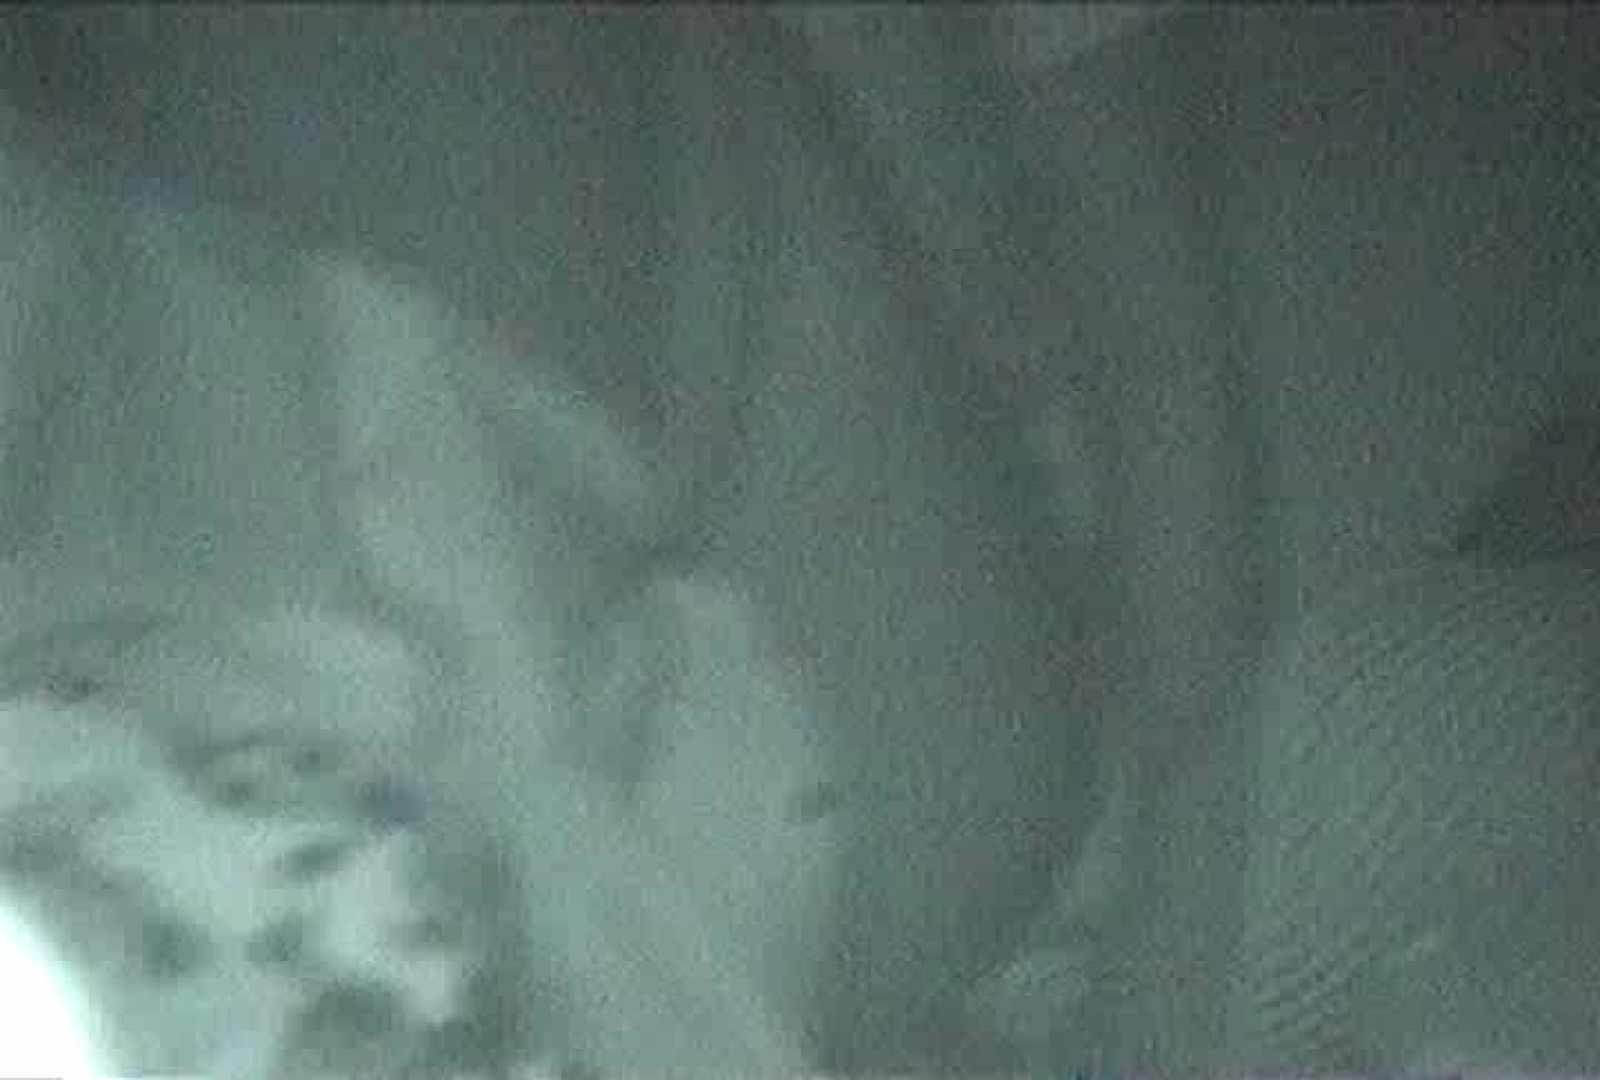 充血監督の深夜の運動会Vol.85 セックス | OLヌード天国  50PIX 46